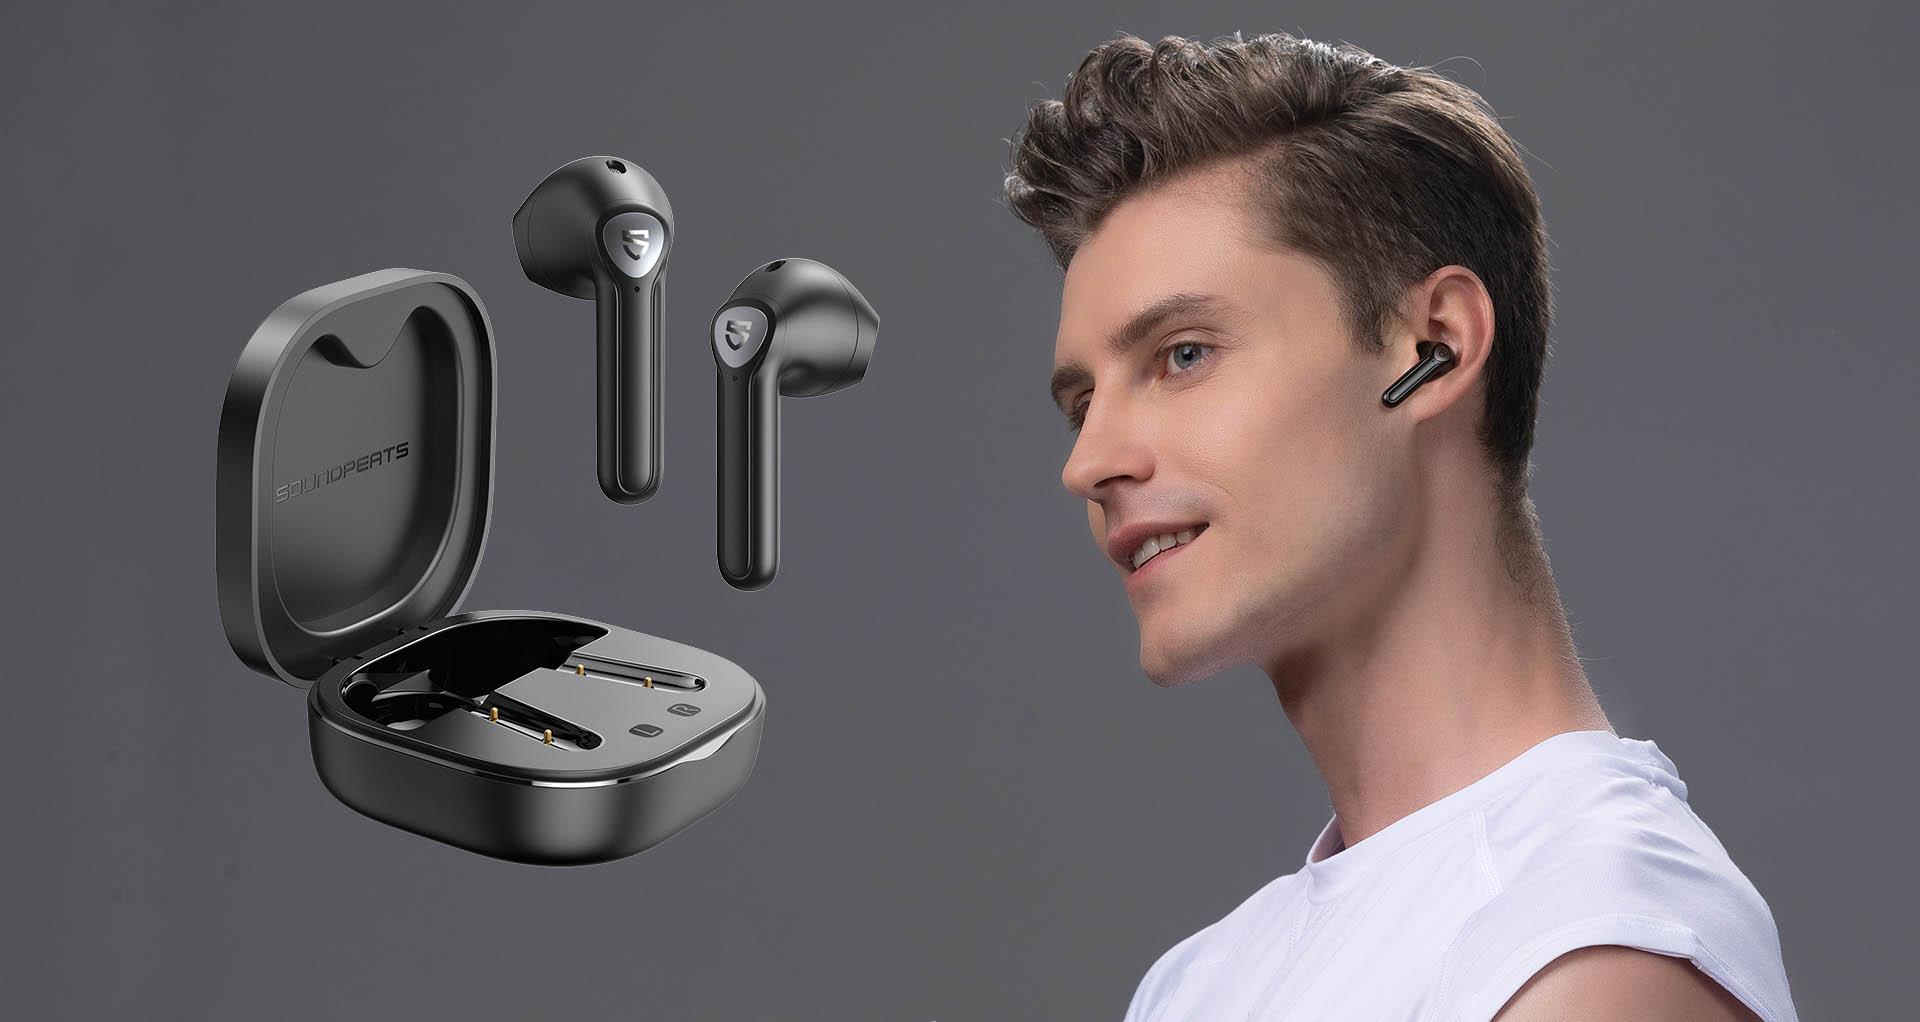 Tai Nghe True Wireless Earbud Soundpeats TrueAir 2 Bluetooth V5.2 - Hàng  chính hãng | Tiki